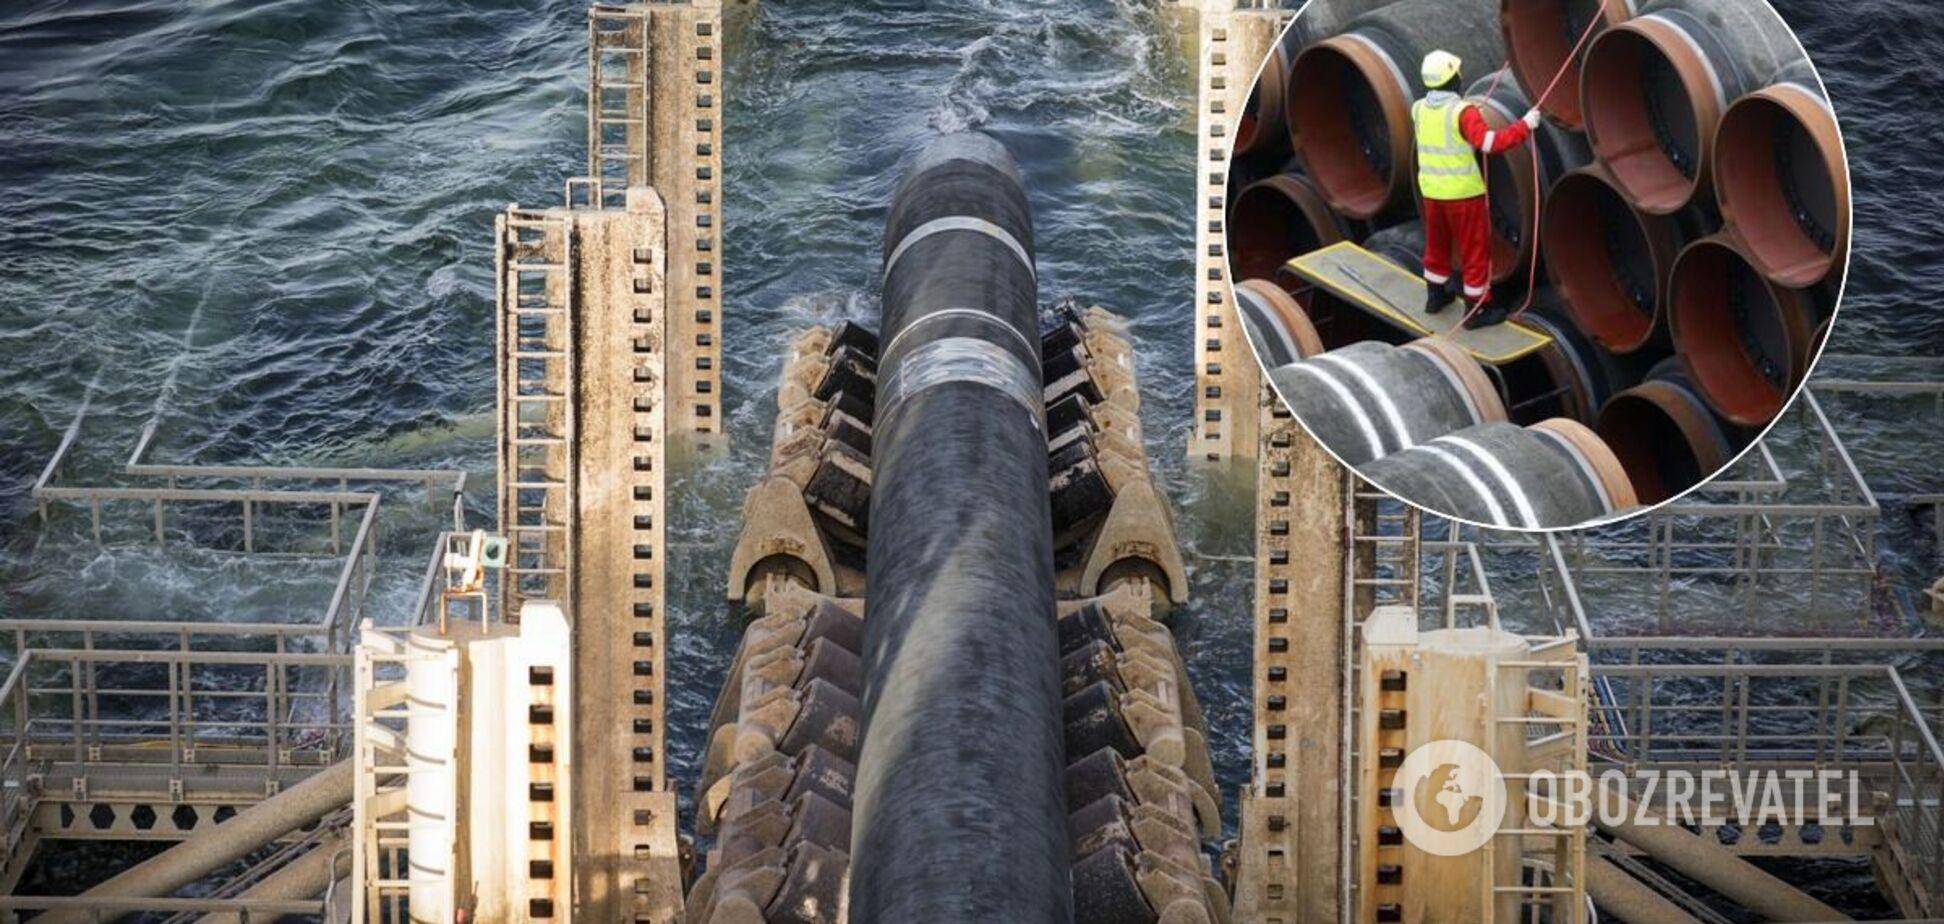 МЗС України заявив про підрив нацбезпеки через 'Північний потік-2'